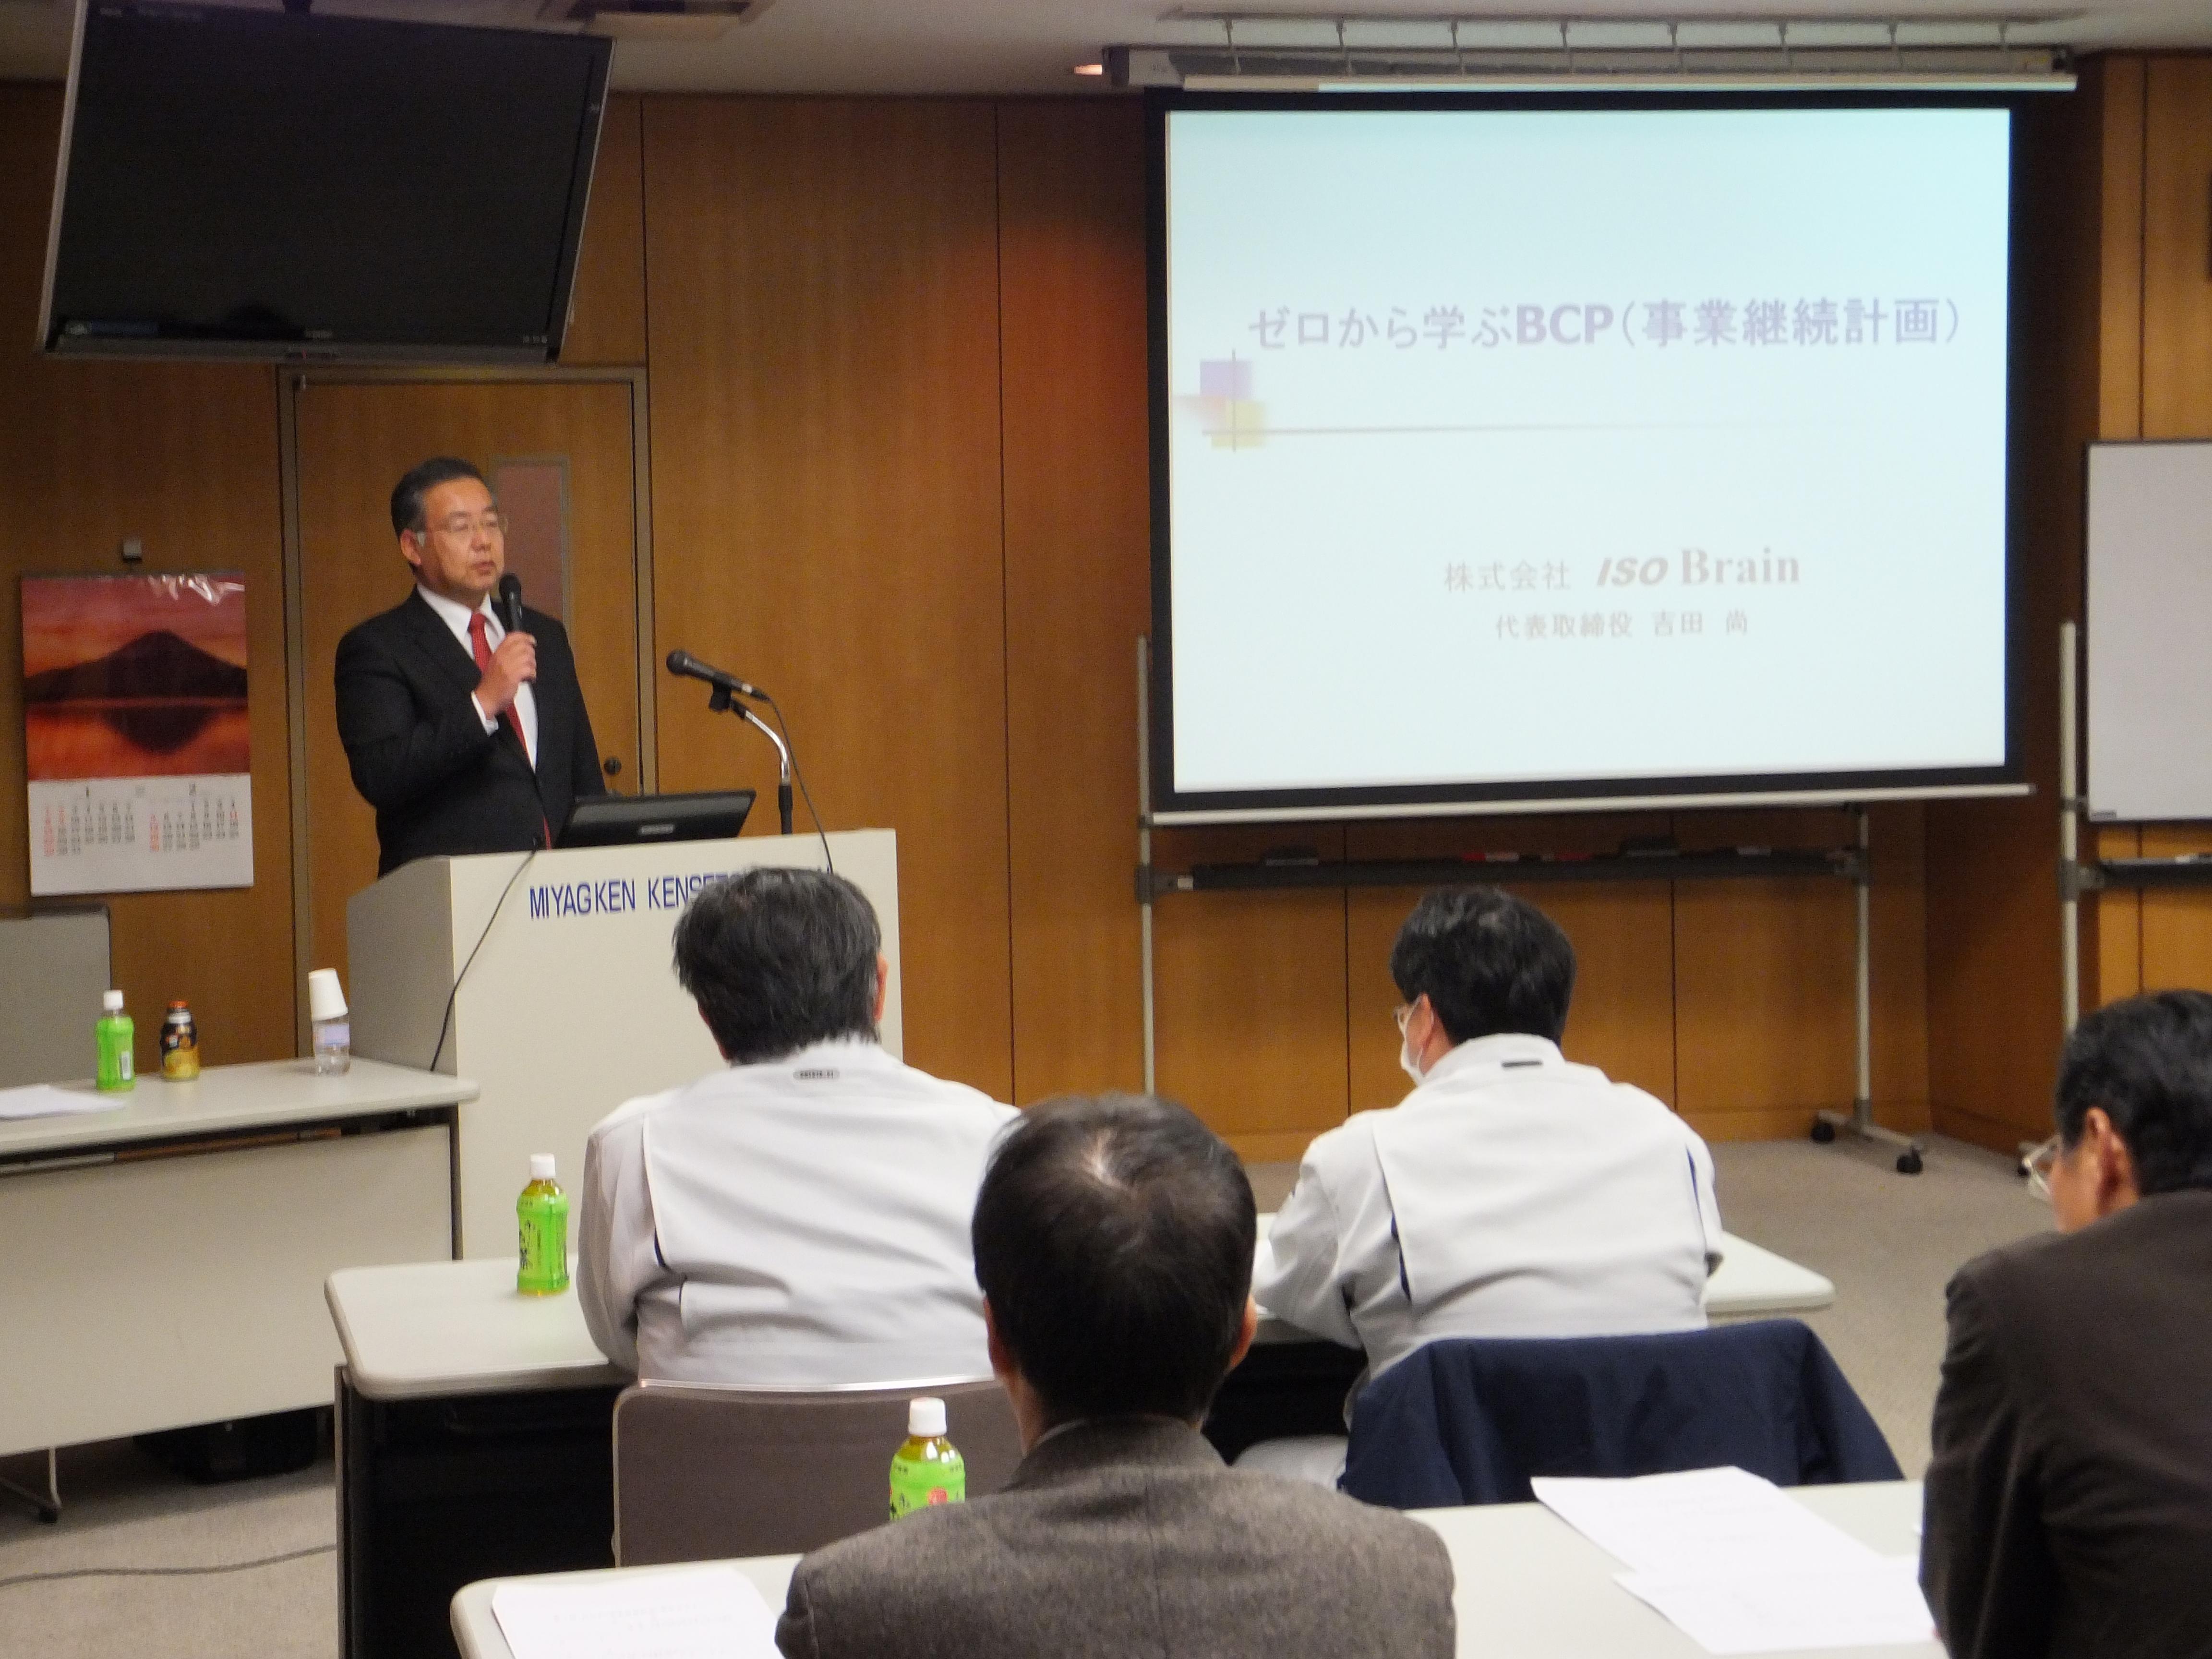 建設業BCPセミナー.JPG